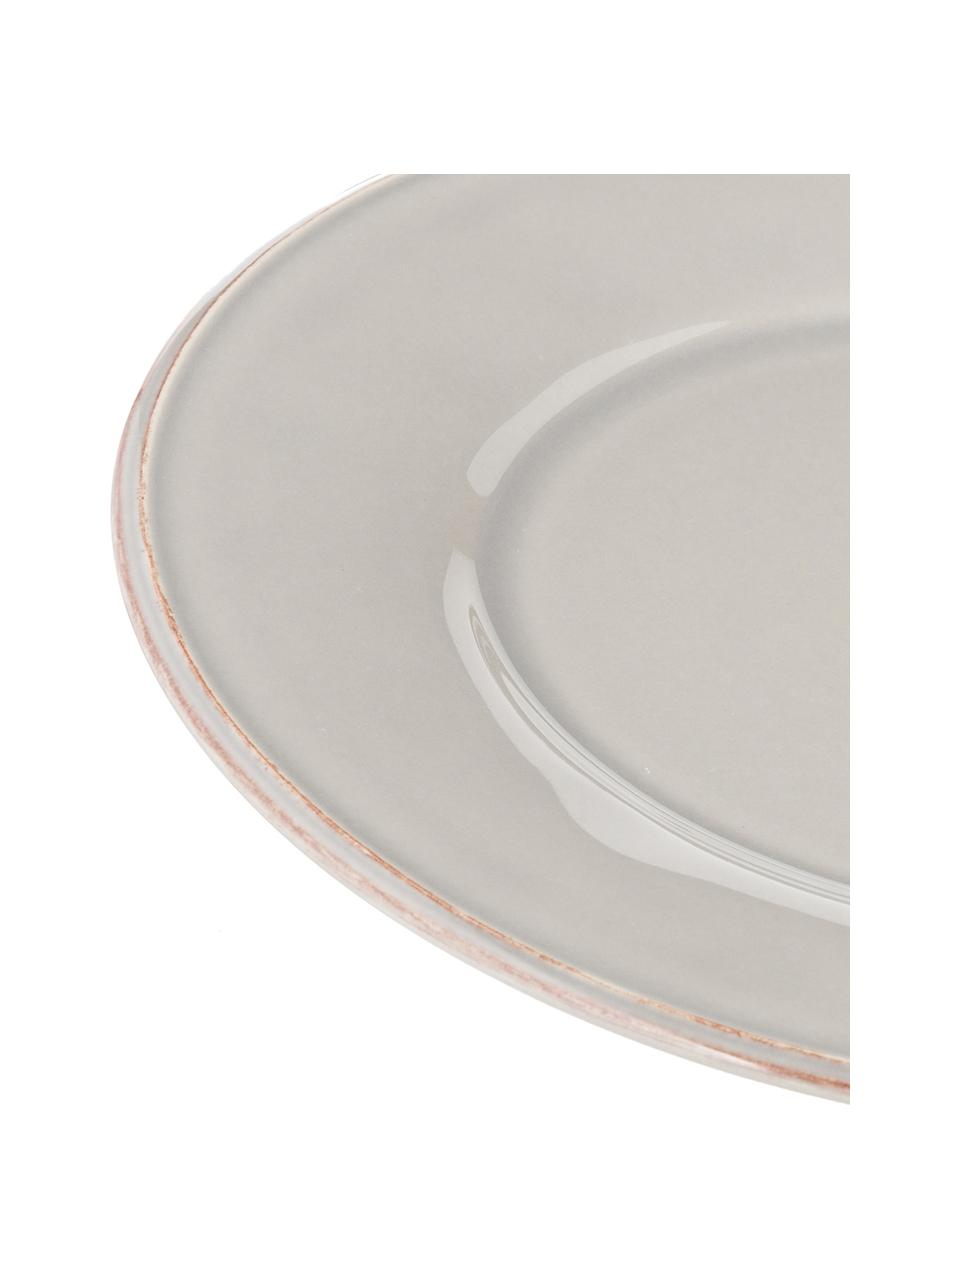 Piatto piano grigio chiaro Constance 2 pz, Gres, Grigio chiaro, Ø 29 cm